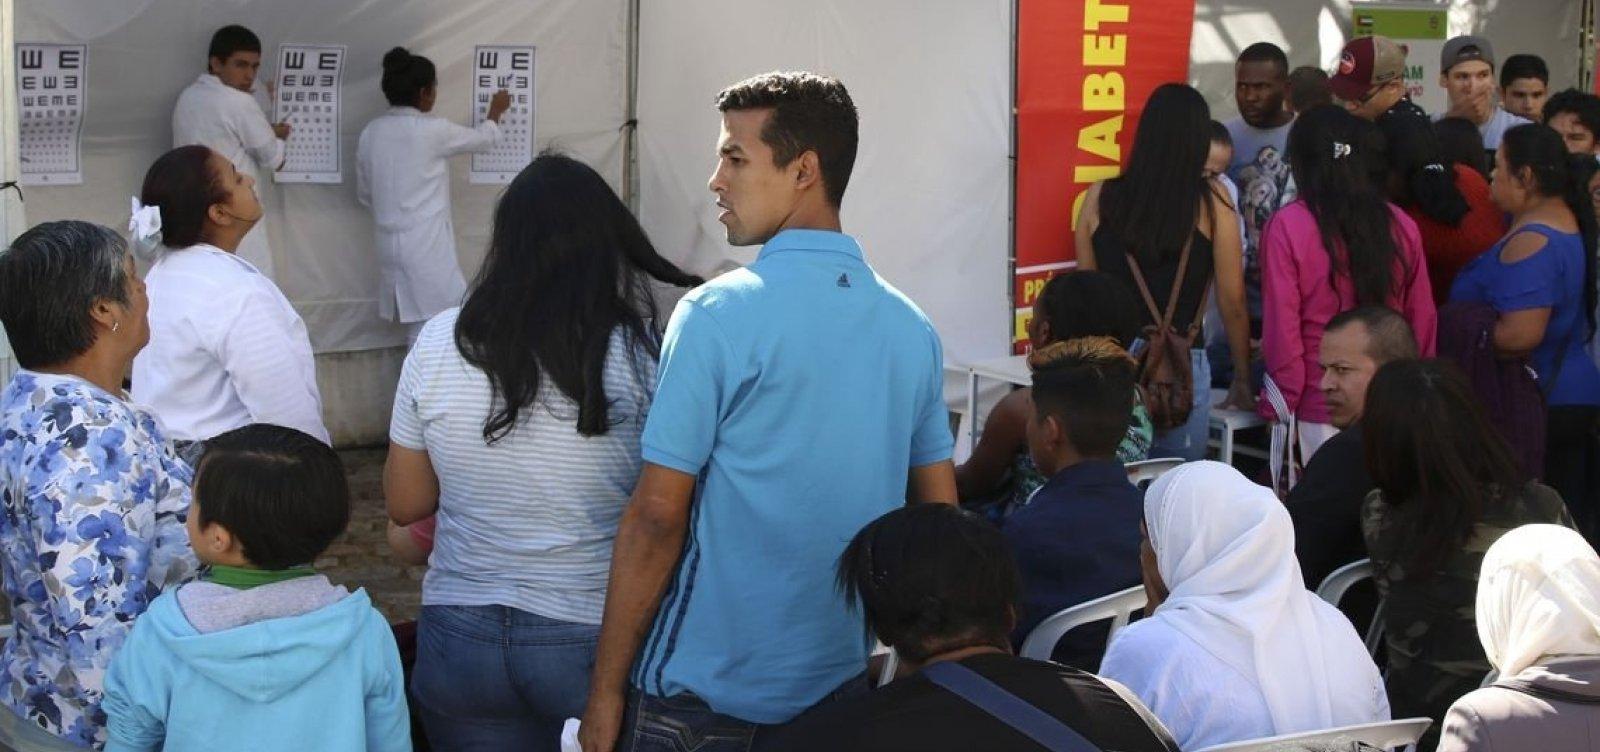 Sistema Acolhedor é criado para cadastro de imigrantes venezuelanos